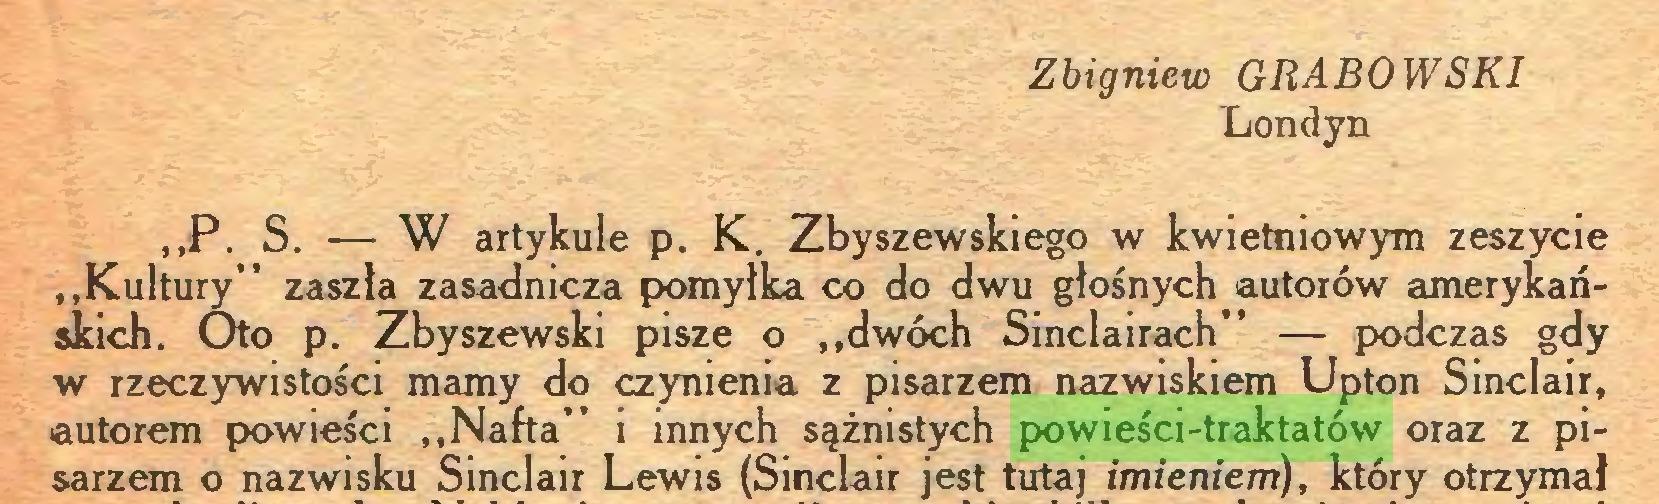 """(...) Zbigniew GRABOWSKI Londyn """"P. S. — W artykule p. K. Zbyszewskiego w kwietniowym zeszycie """"Kultury"""" zaszła zasadnicza pomyłka co do dwu głośnych autorów amerykańskich. Oto p. Zbyszewski pisze o """"dwóch Sinclairach"""" — podczas gdy w rzeczywistości mamy do czynienia z pisarzem nazwiskiem Upton Sinclair, autorem powieści """"Nafta"""" i innych sążnistych powieści-traktatów oraz z pisarzem o nazwisku Sinclair Lewis (Sinclair jest tutaj imieniem), który otrzyma!..."""